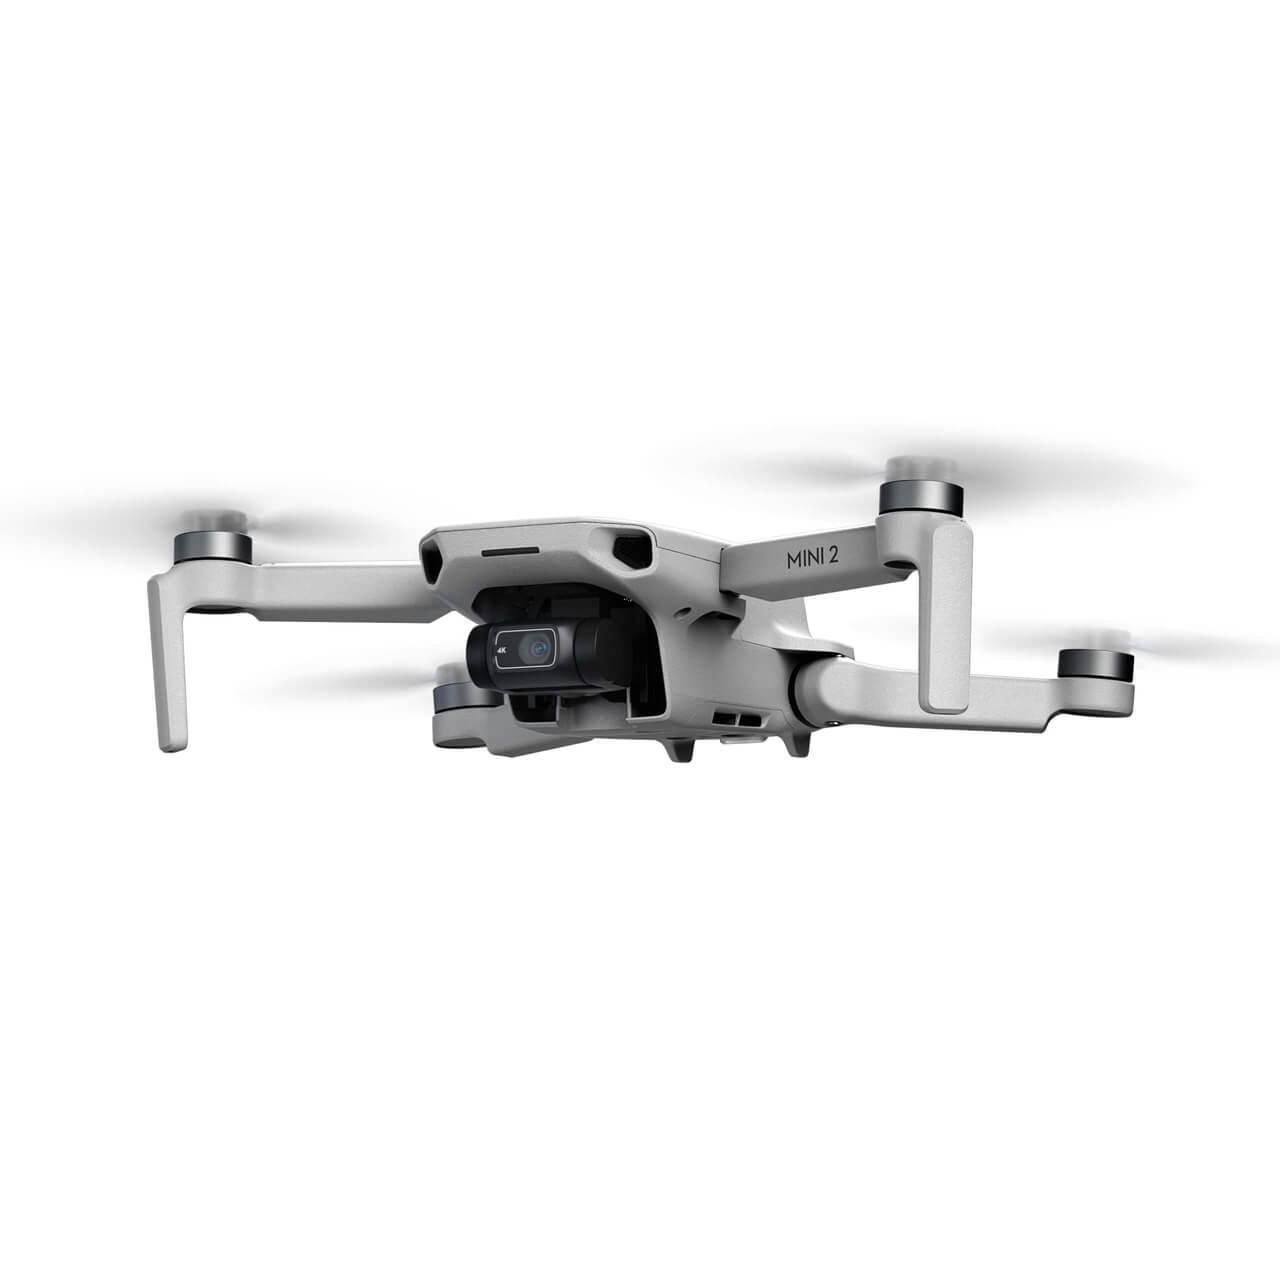 DJI MINI 2 Dronas (5)